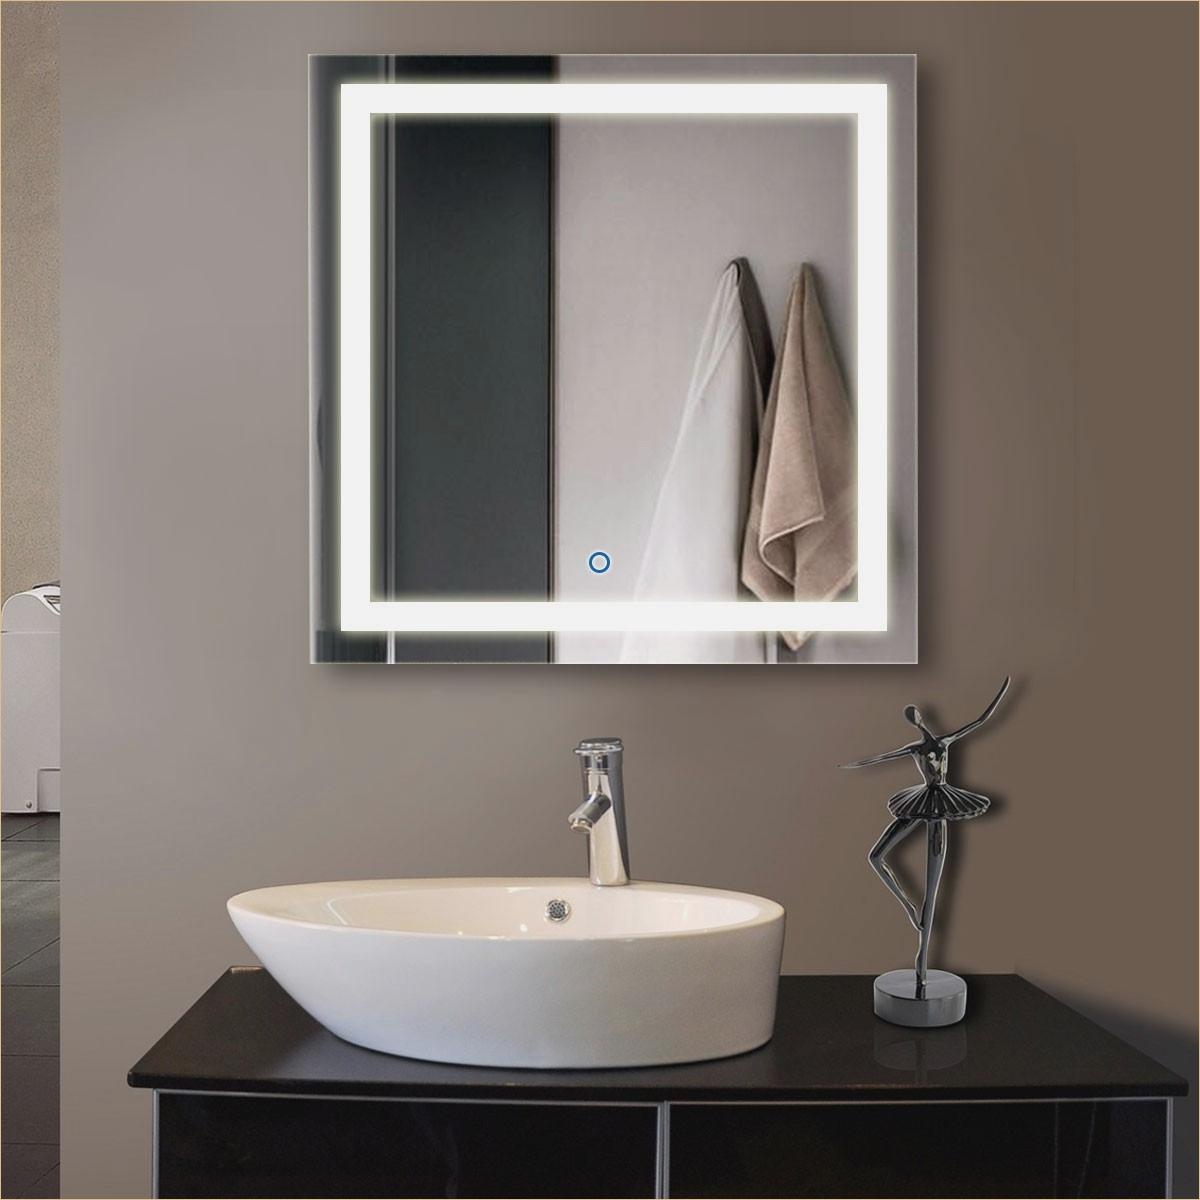 Meuble Wc Brico Dépot Impressionnant Images Fantastiqué Meuble Miroir Salle De Bain